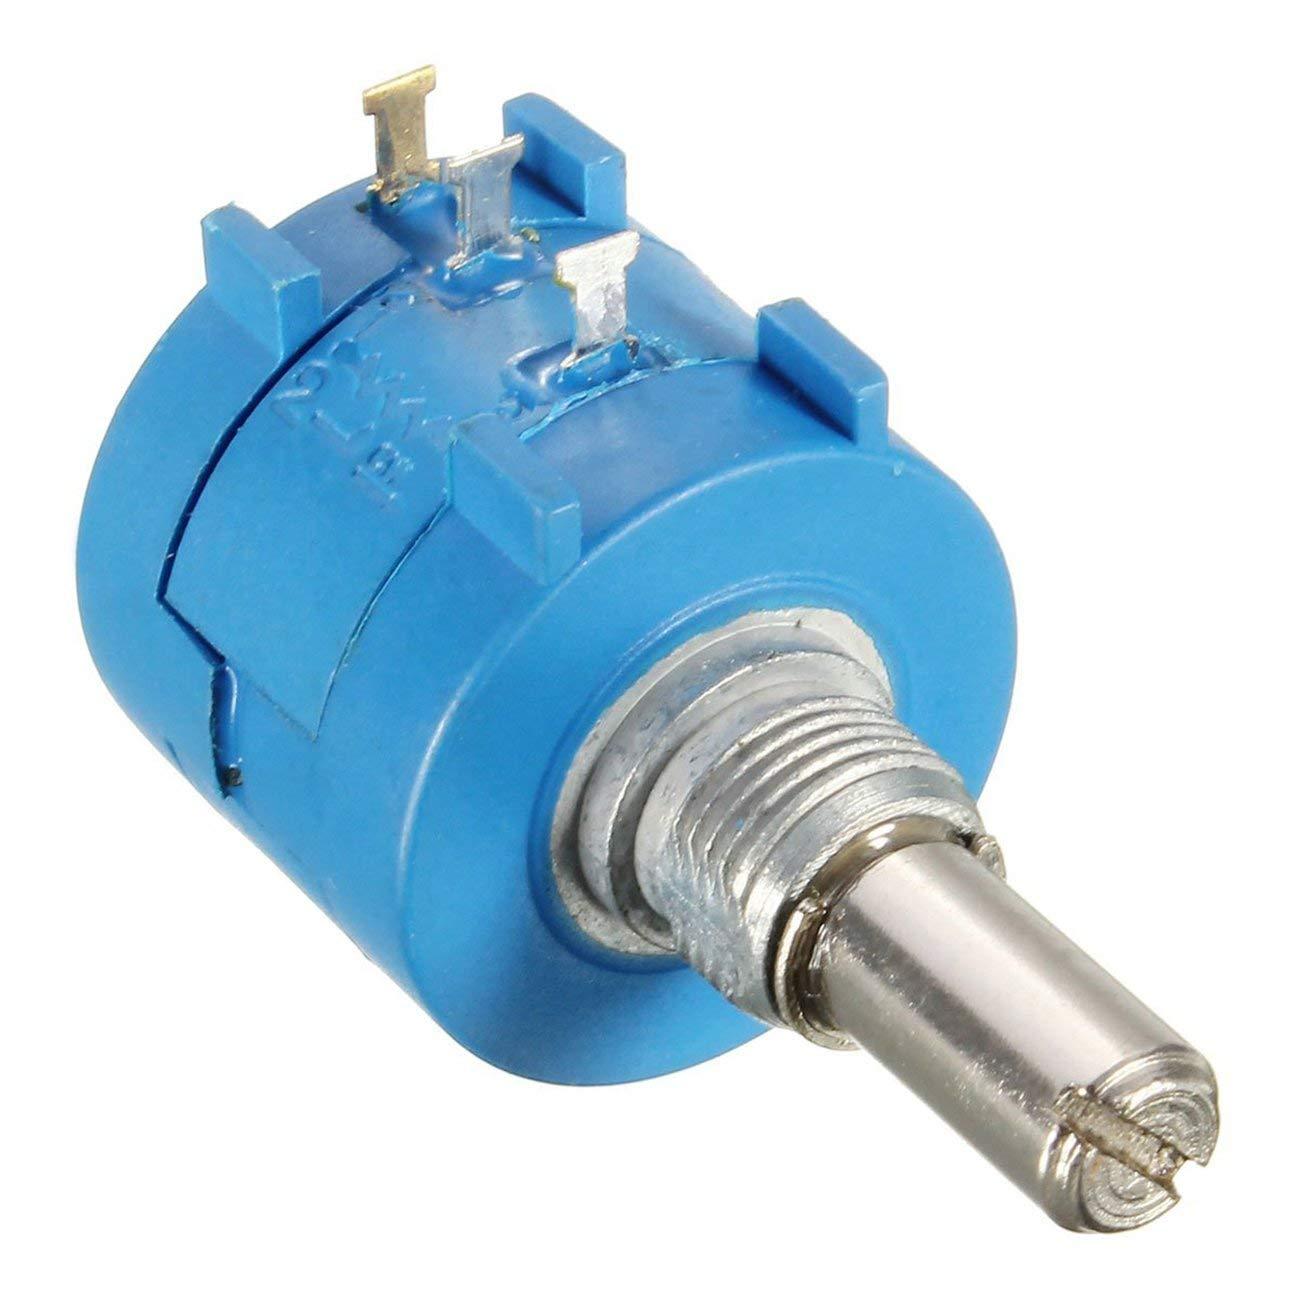 Blu 3590S Potenziometro di precisione multigiro 10 Potenziometro di resistenza regolabile ad anello Wirewound POT multigiro variabile 500 Ohm